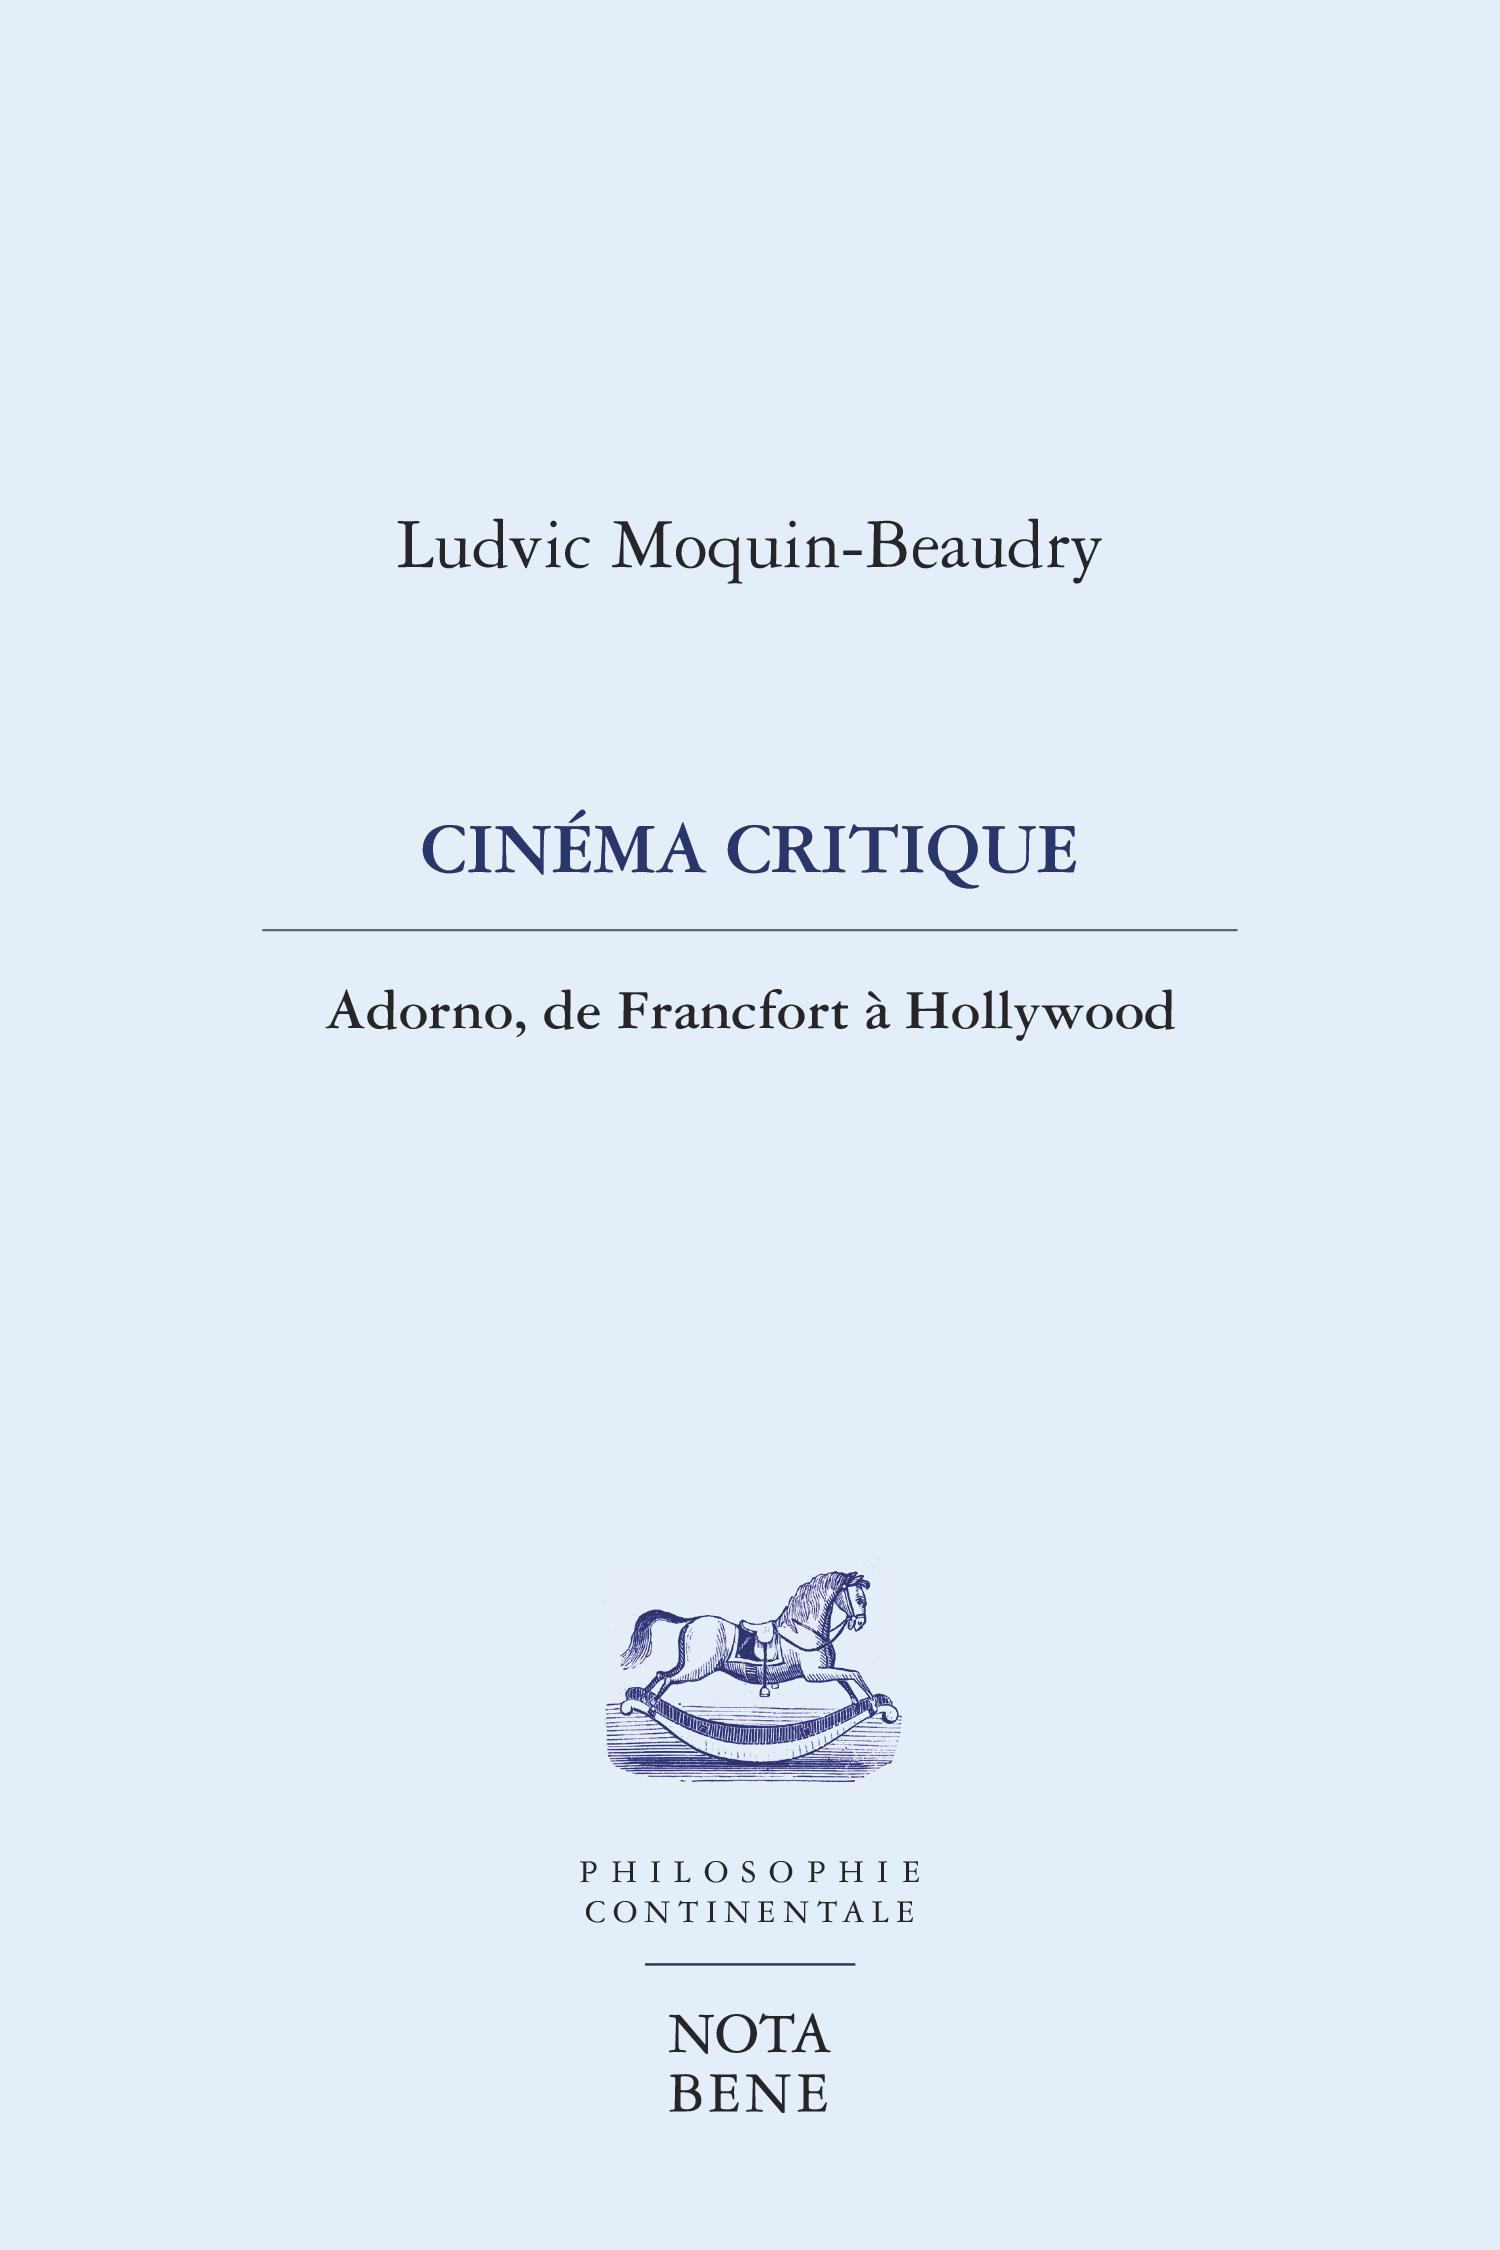 Cinéma critique